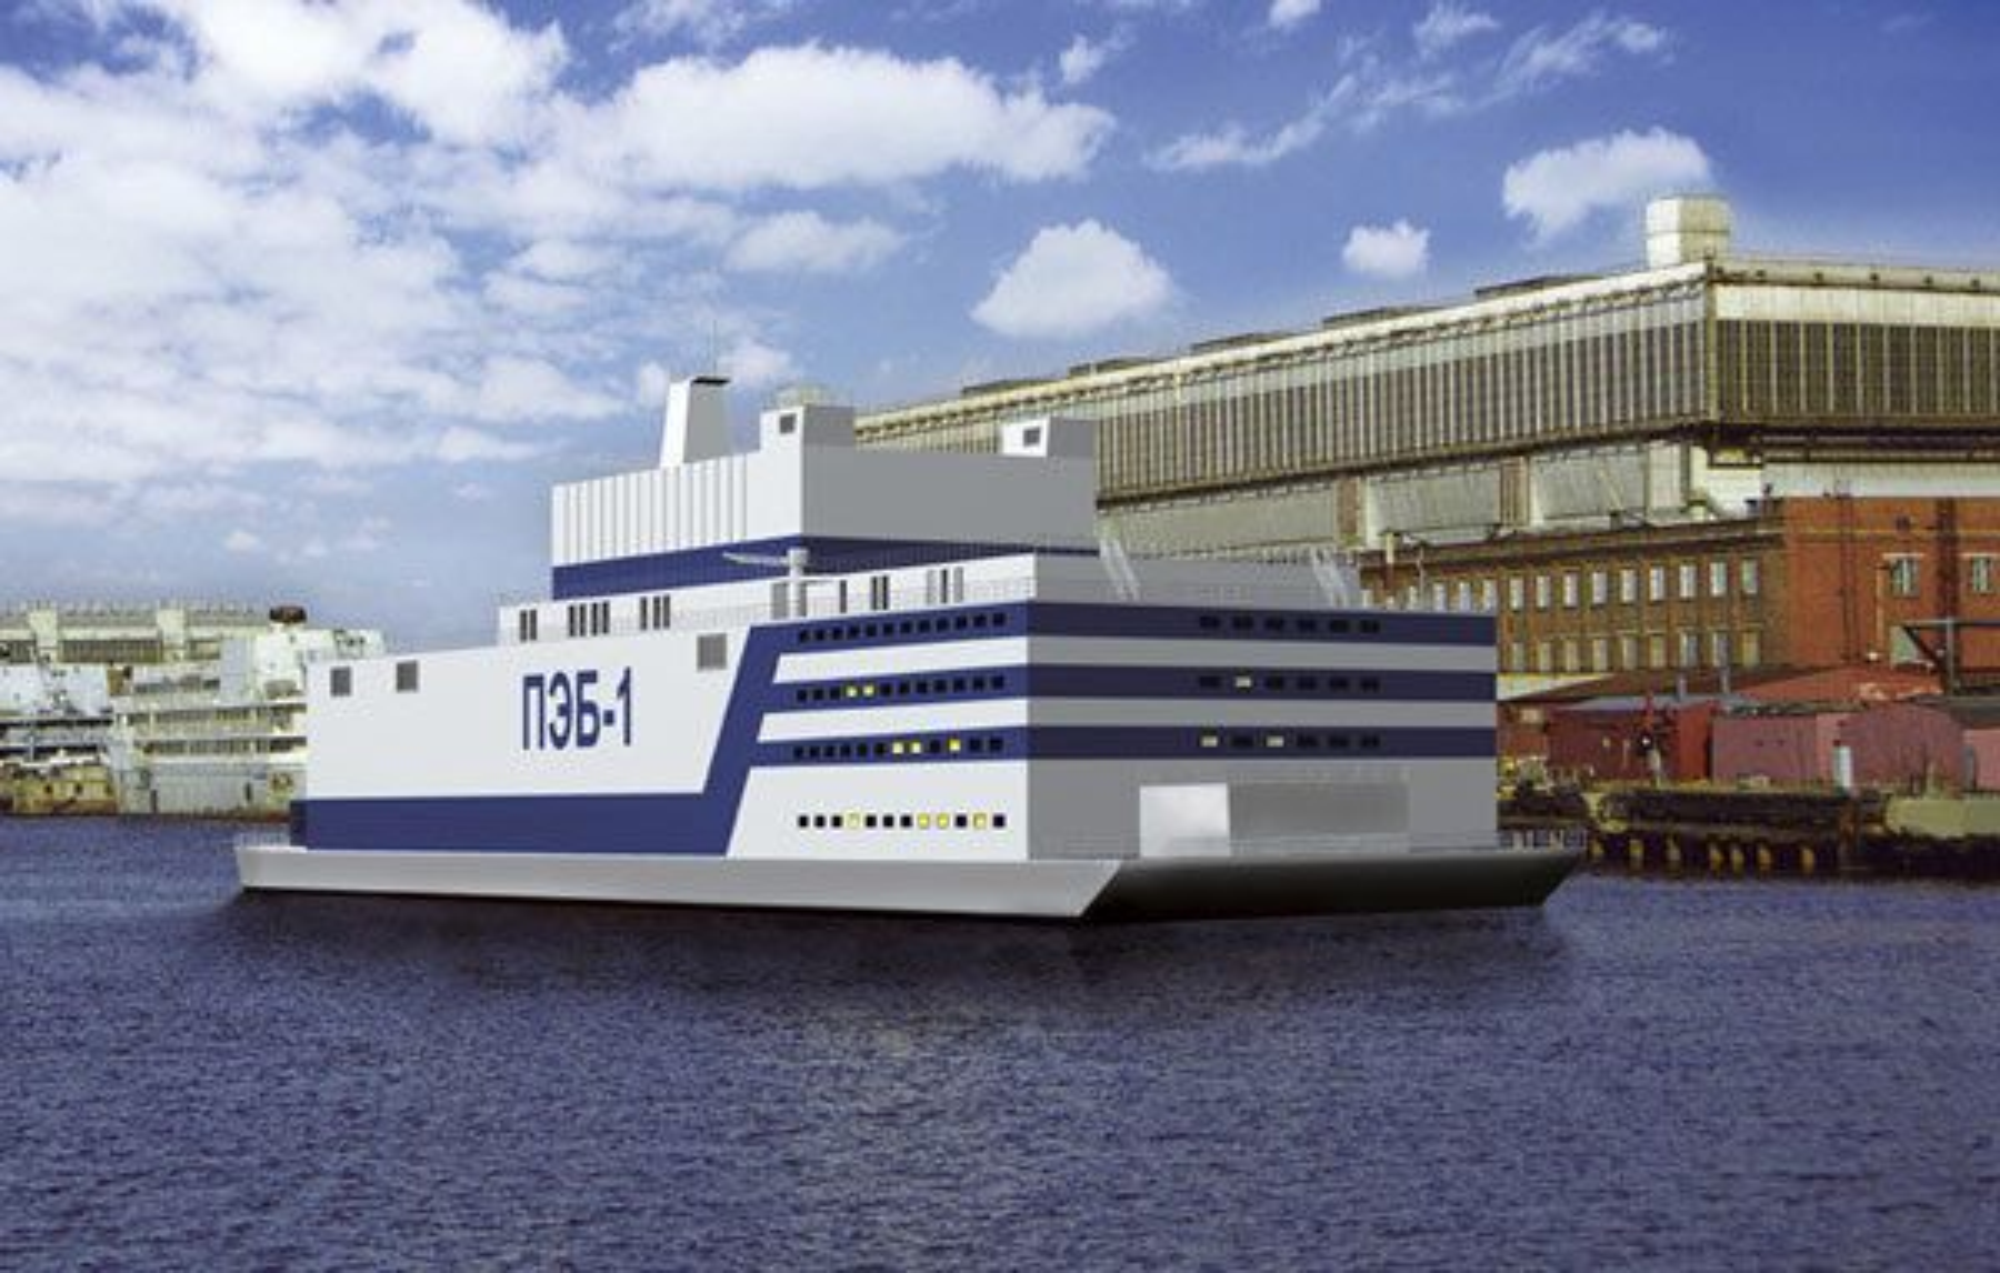 Russland vil bruke flytende atomkraftverk for å sikre energiforsyningen til landets arktiske strøk. De har også forsøkt å selge anleggene ut av landet, men så langt uten resultat.